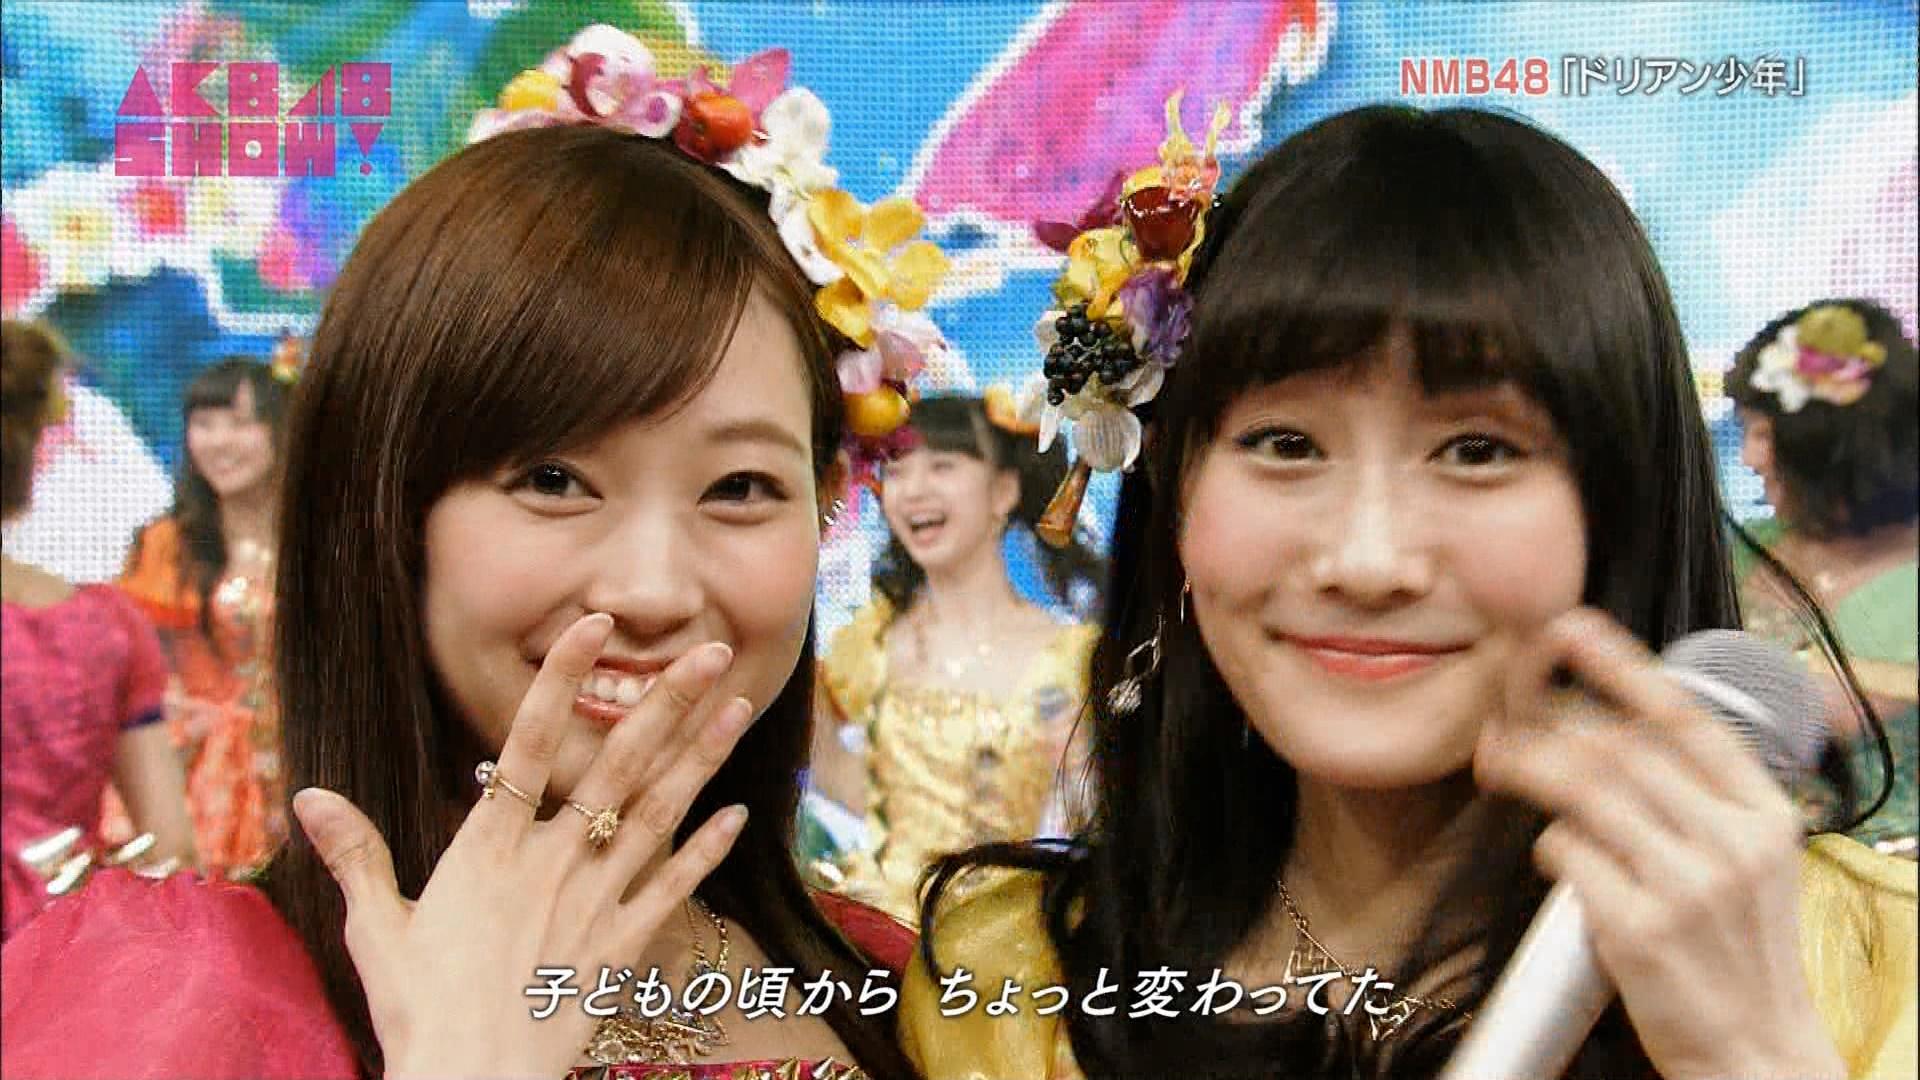 矢倉楓子 NMB48ドリアン少年 AKB48SHOW20150613 (2)